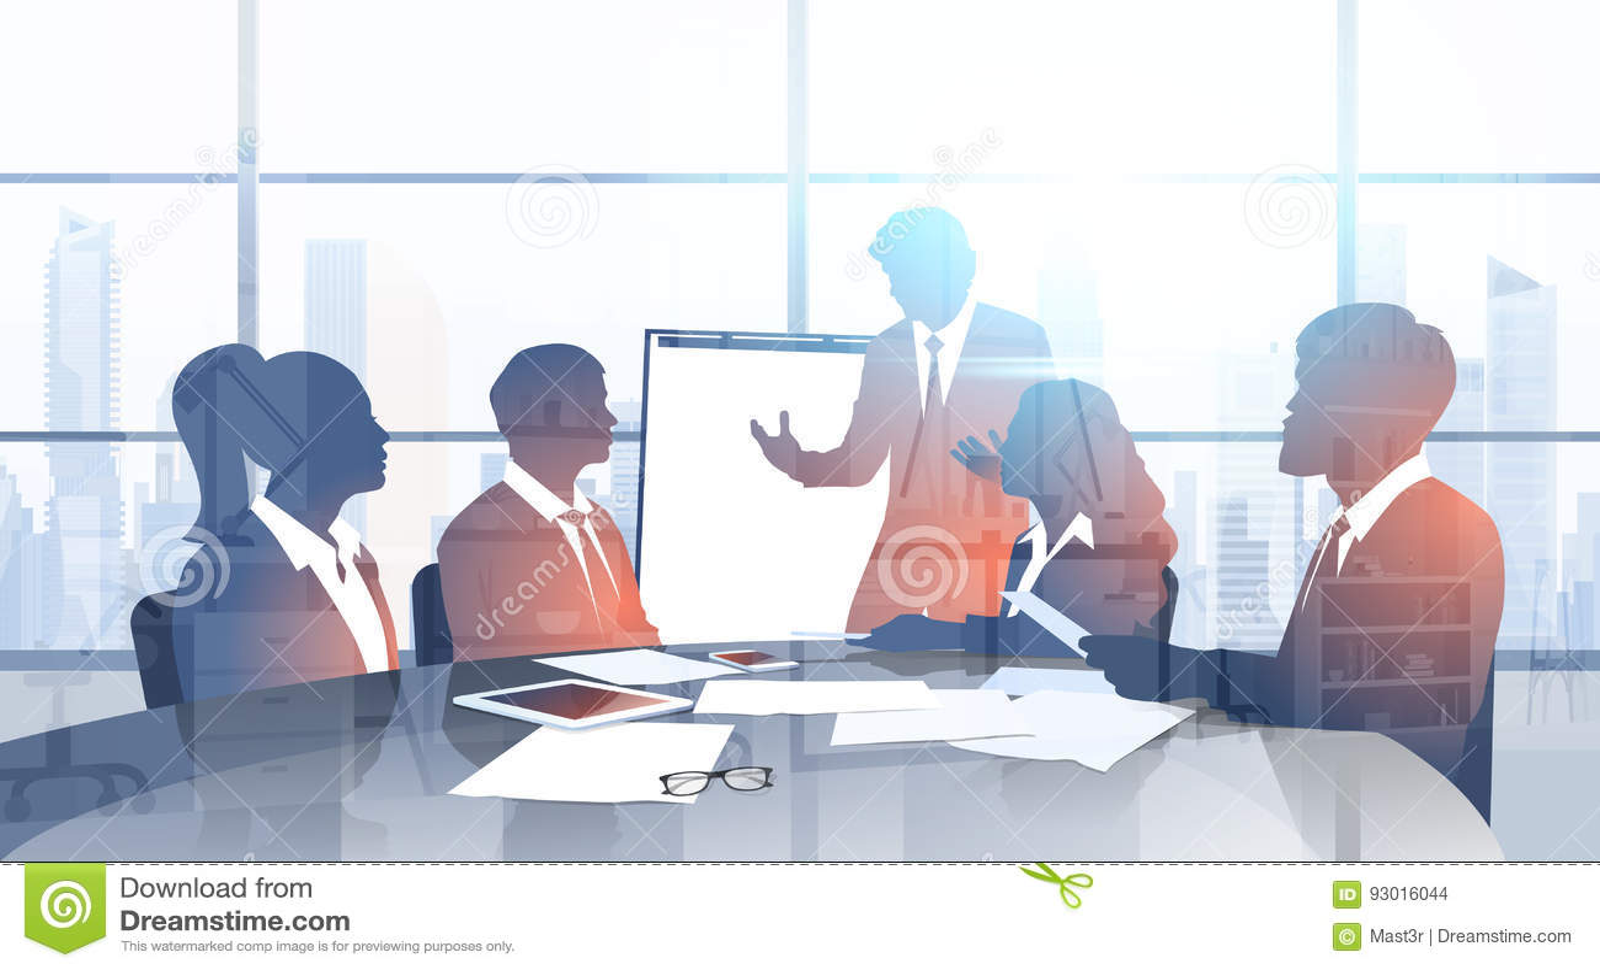 Бизнесмены команды силуэта с представлением метода мозгового штурма конференции тренировки семинара диаграммы сальто в современно